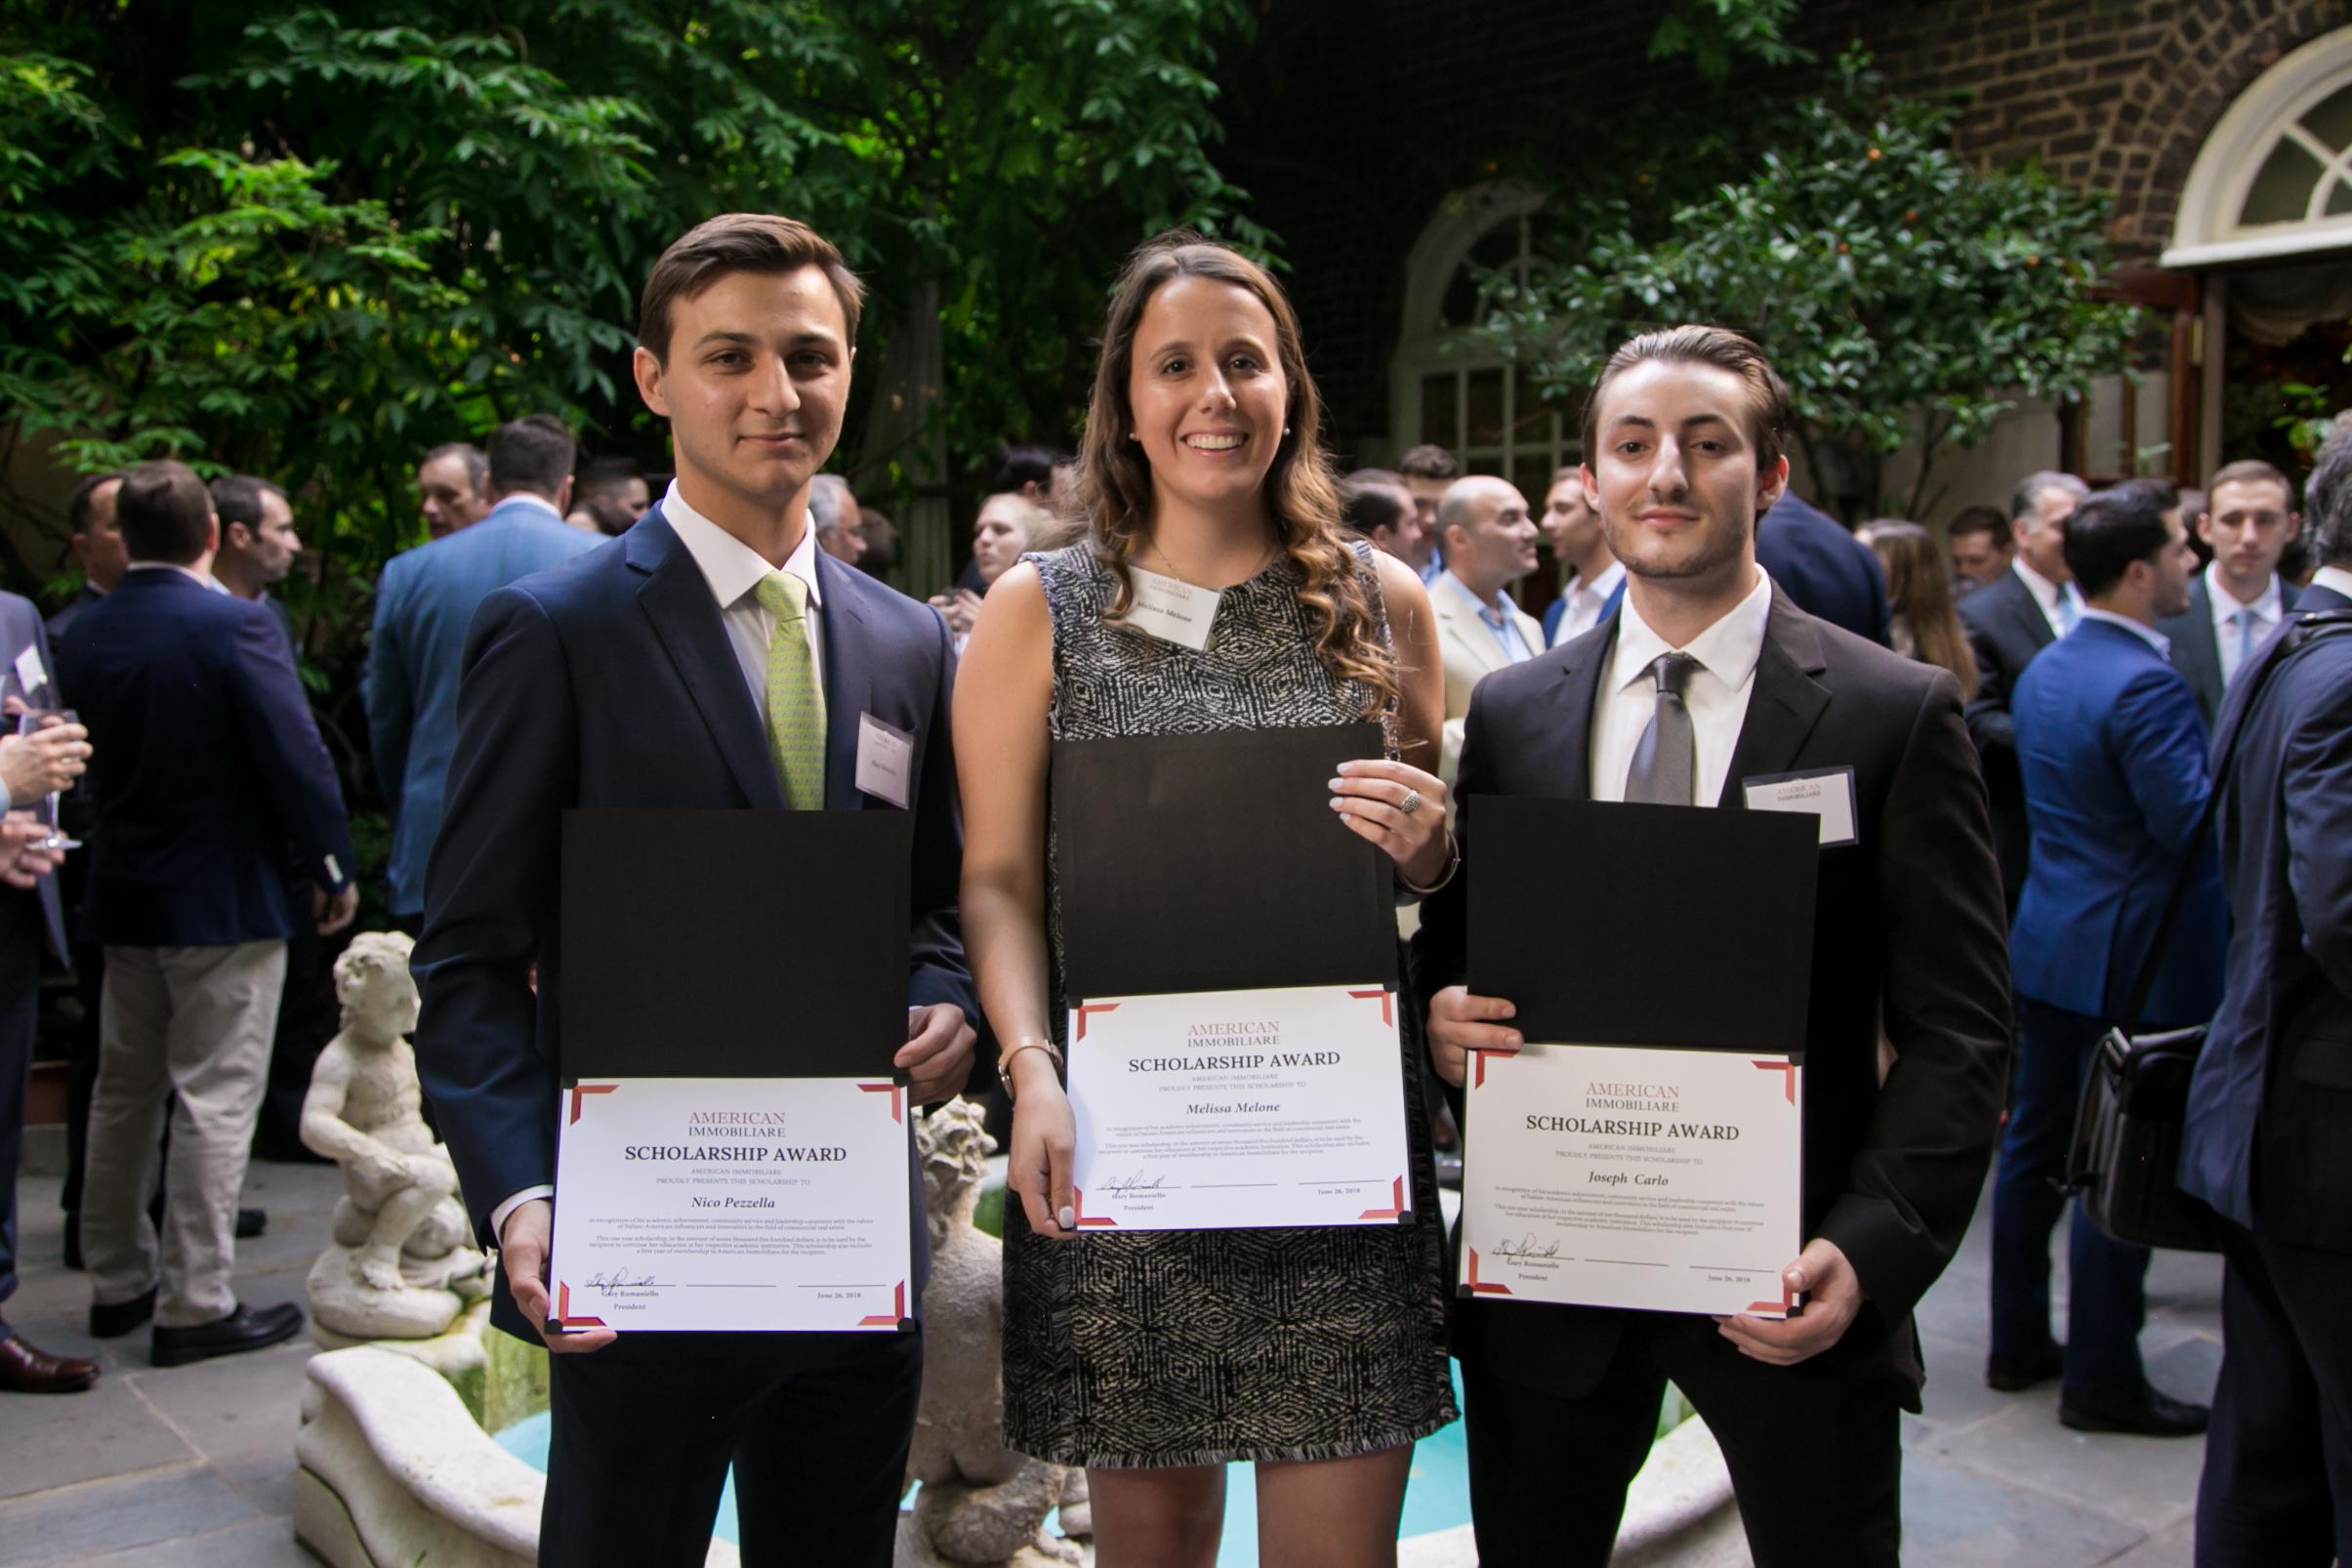 Congratulations to Nico Pezzella, Melissa Melone and Joseph Carlo!